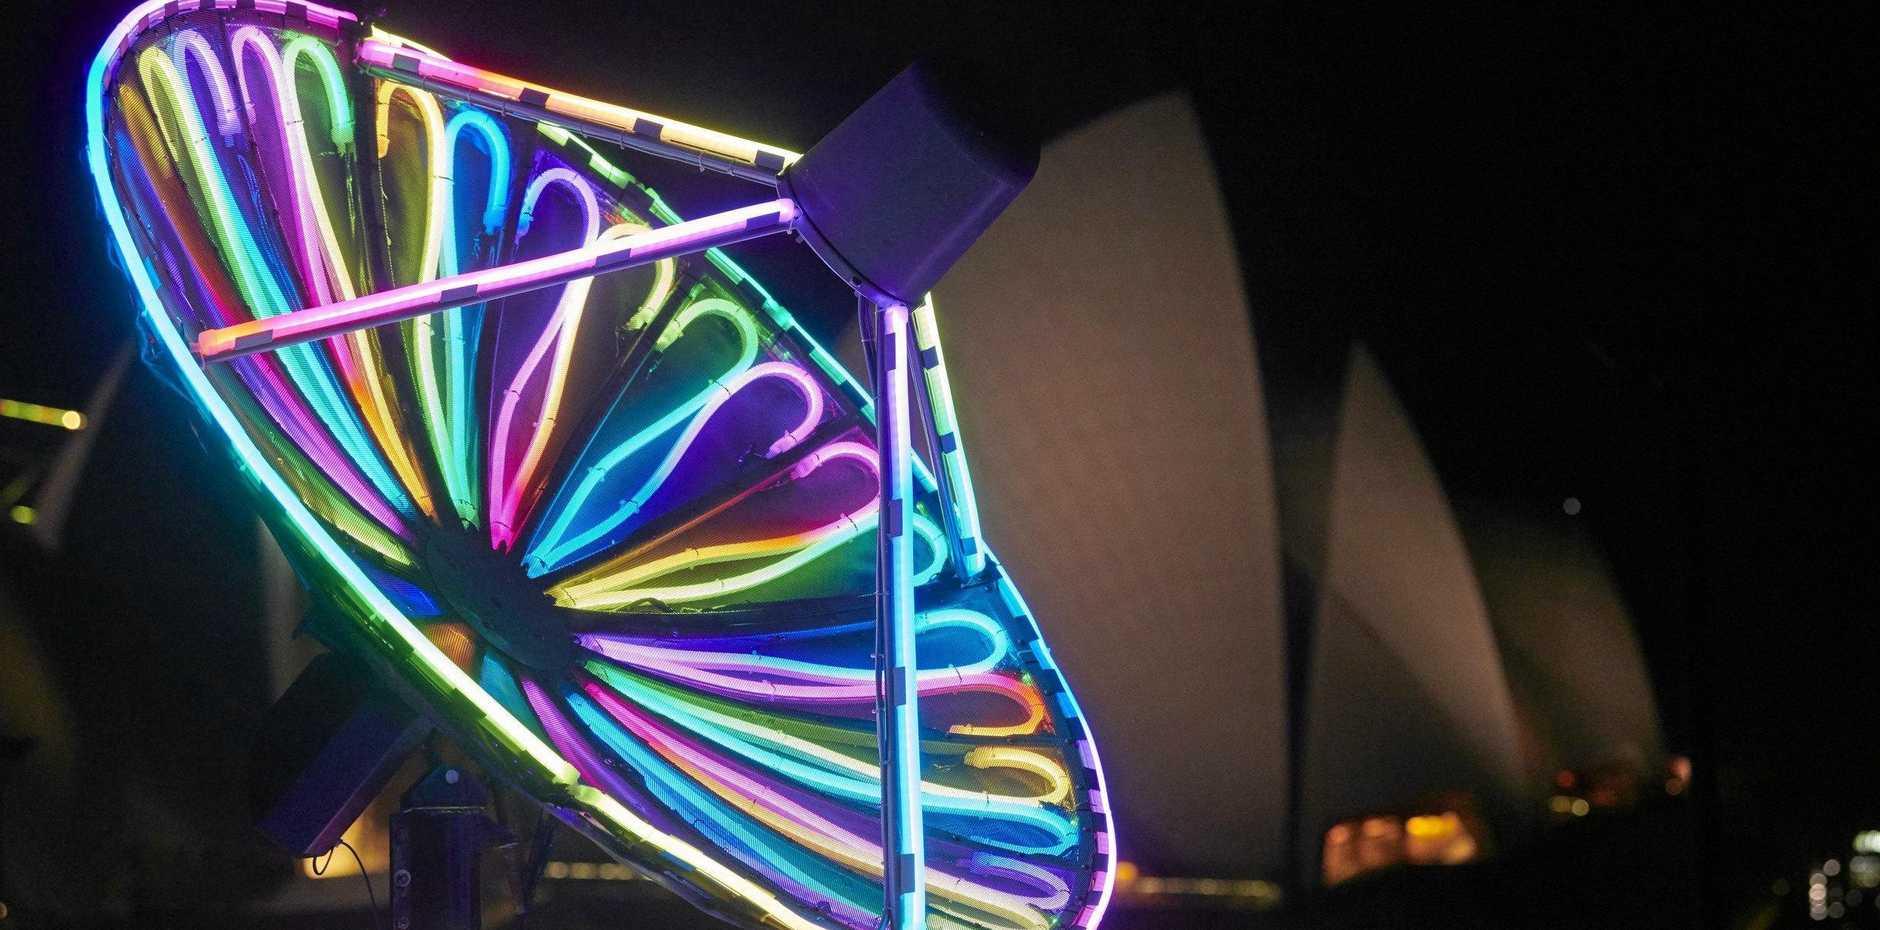 The KA3323 light installation at the Royal Botanic Garden precinct during Vivid Sydney 2019.